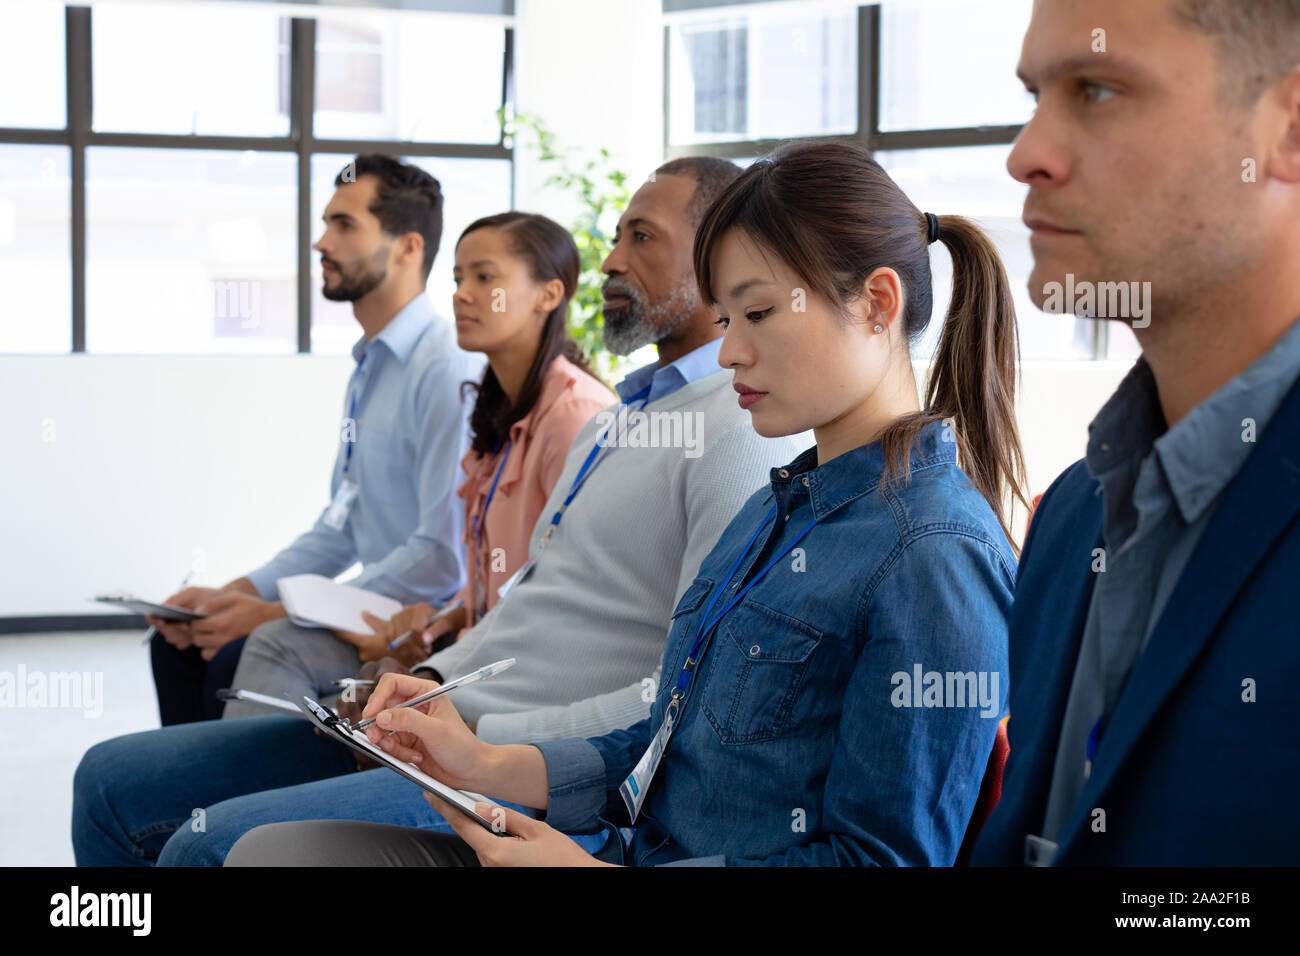 Les employés des entreprises dans une conférence Banque D'Images